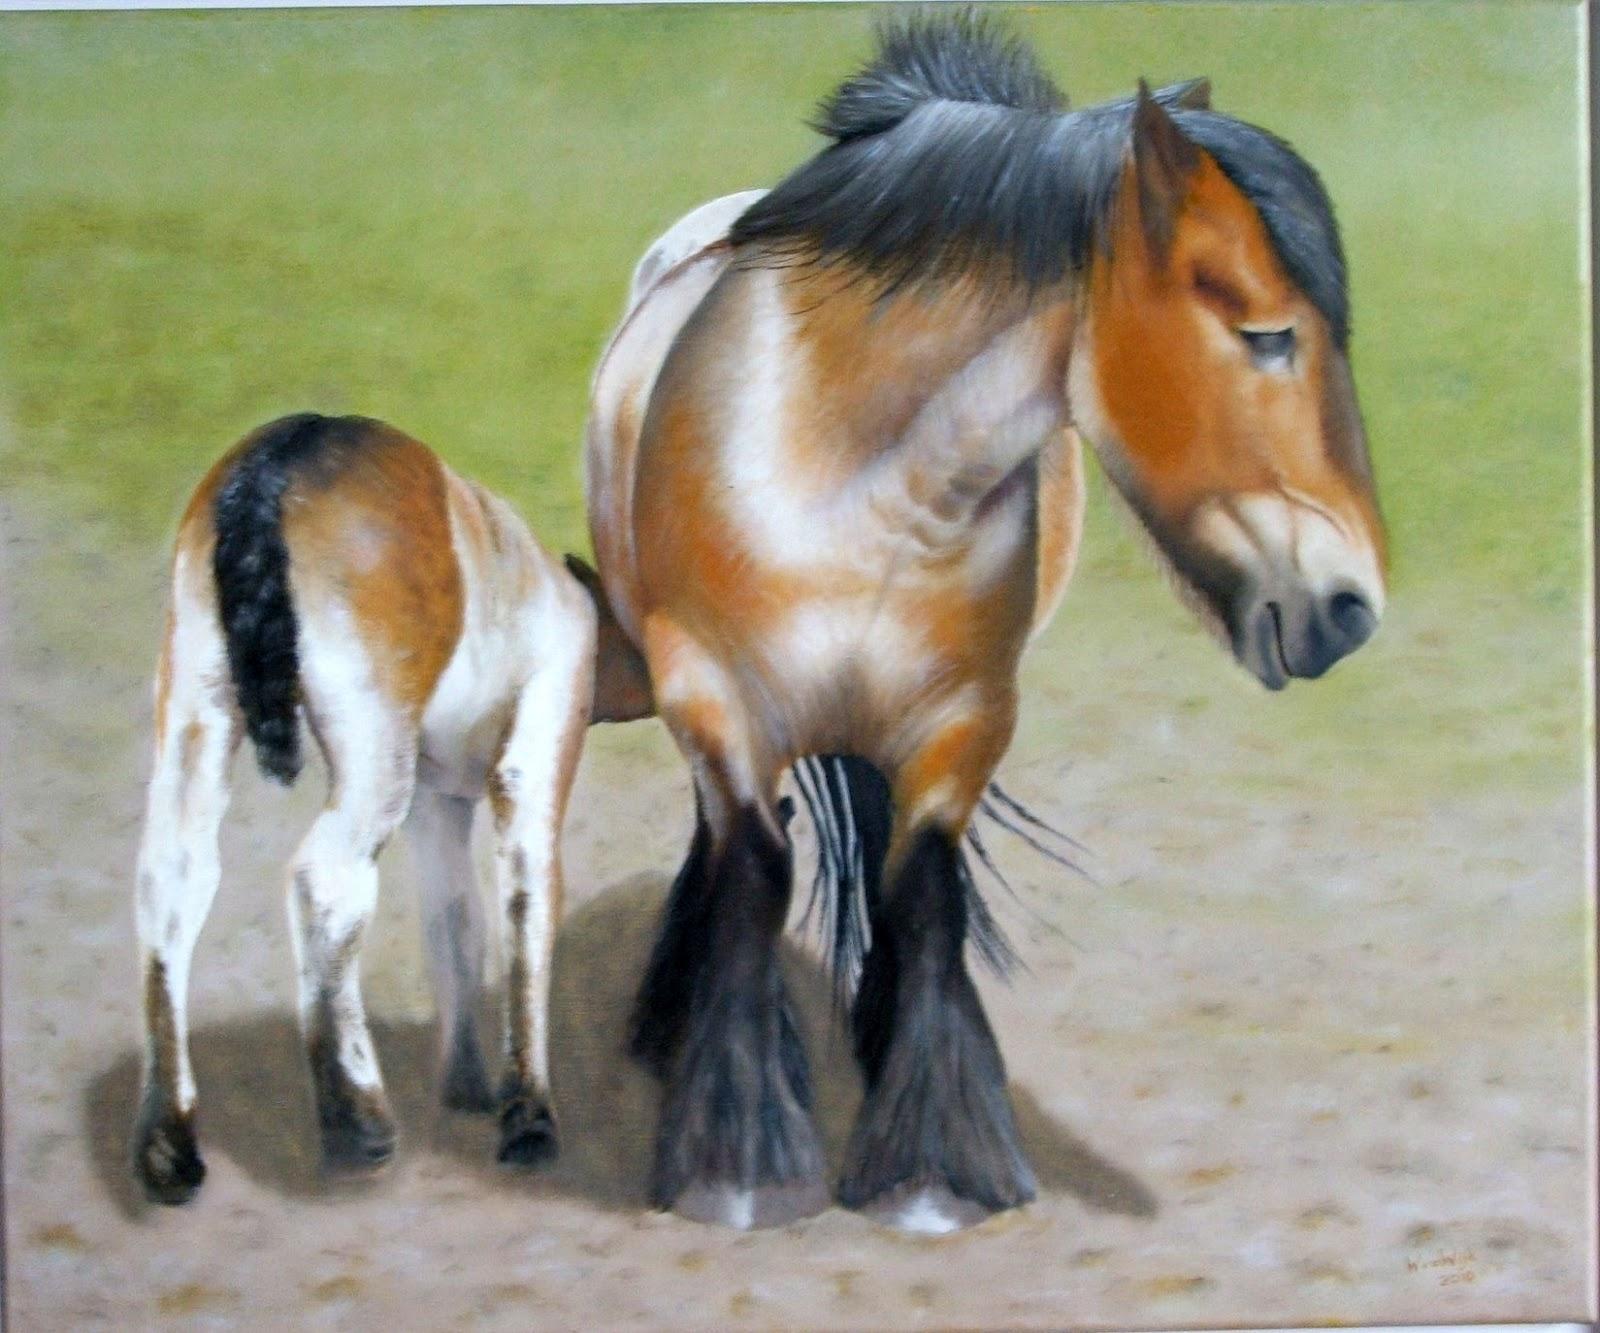 Galerie mildam expositie realistische schilderijen - Entree schilderij ...